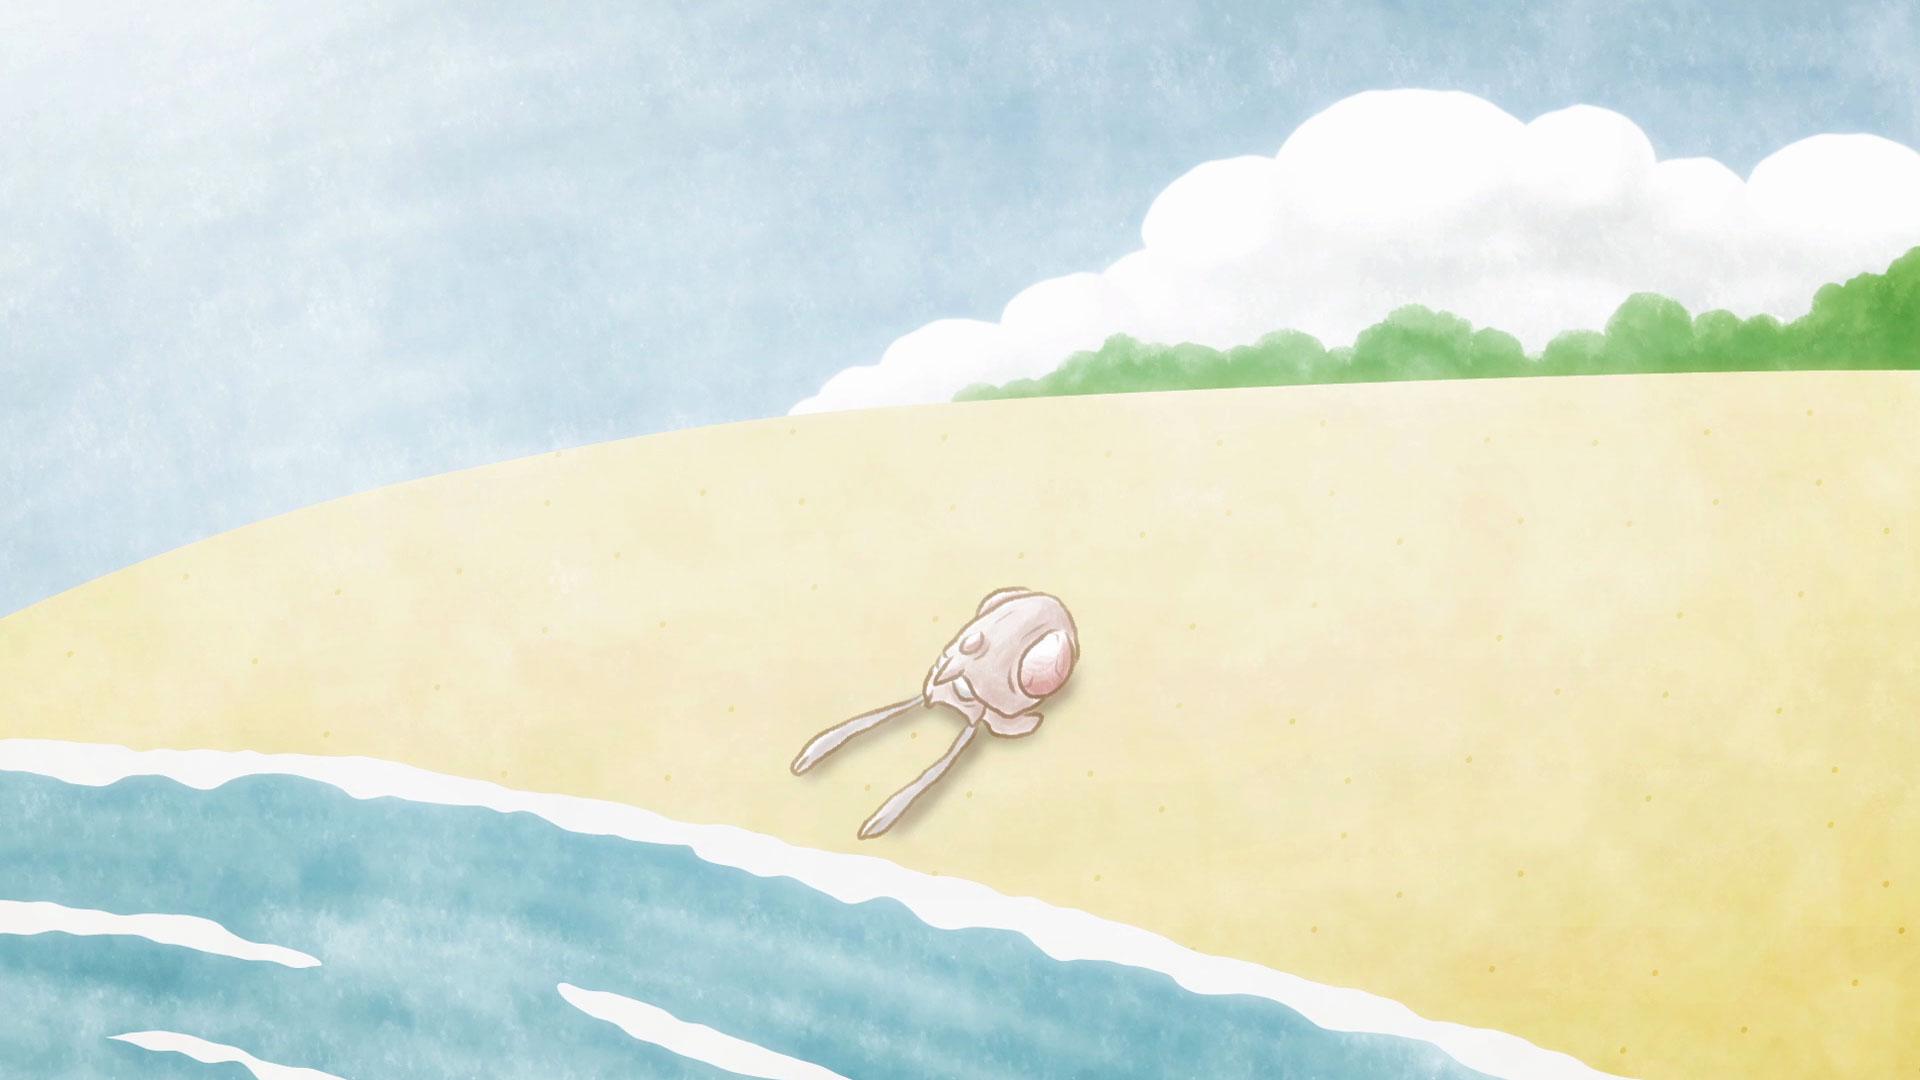 画像集 004 ポケモンだいすきクラブ メノクラゲの歌 ゆらゆらメノクラゲ をyoutubeで公開